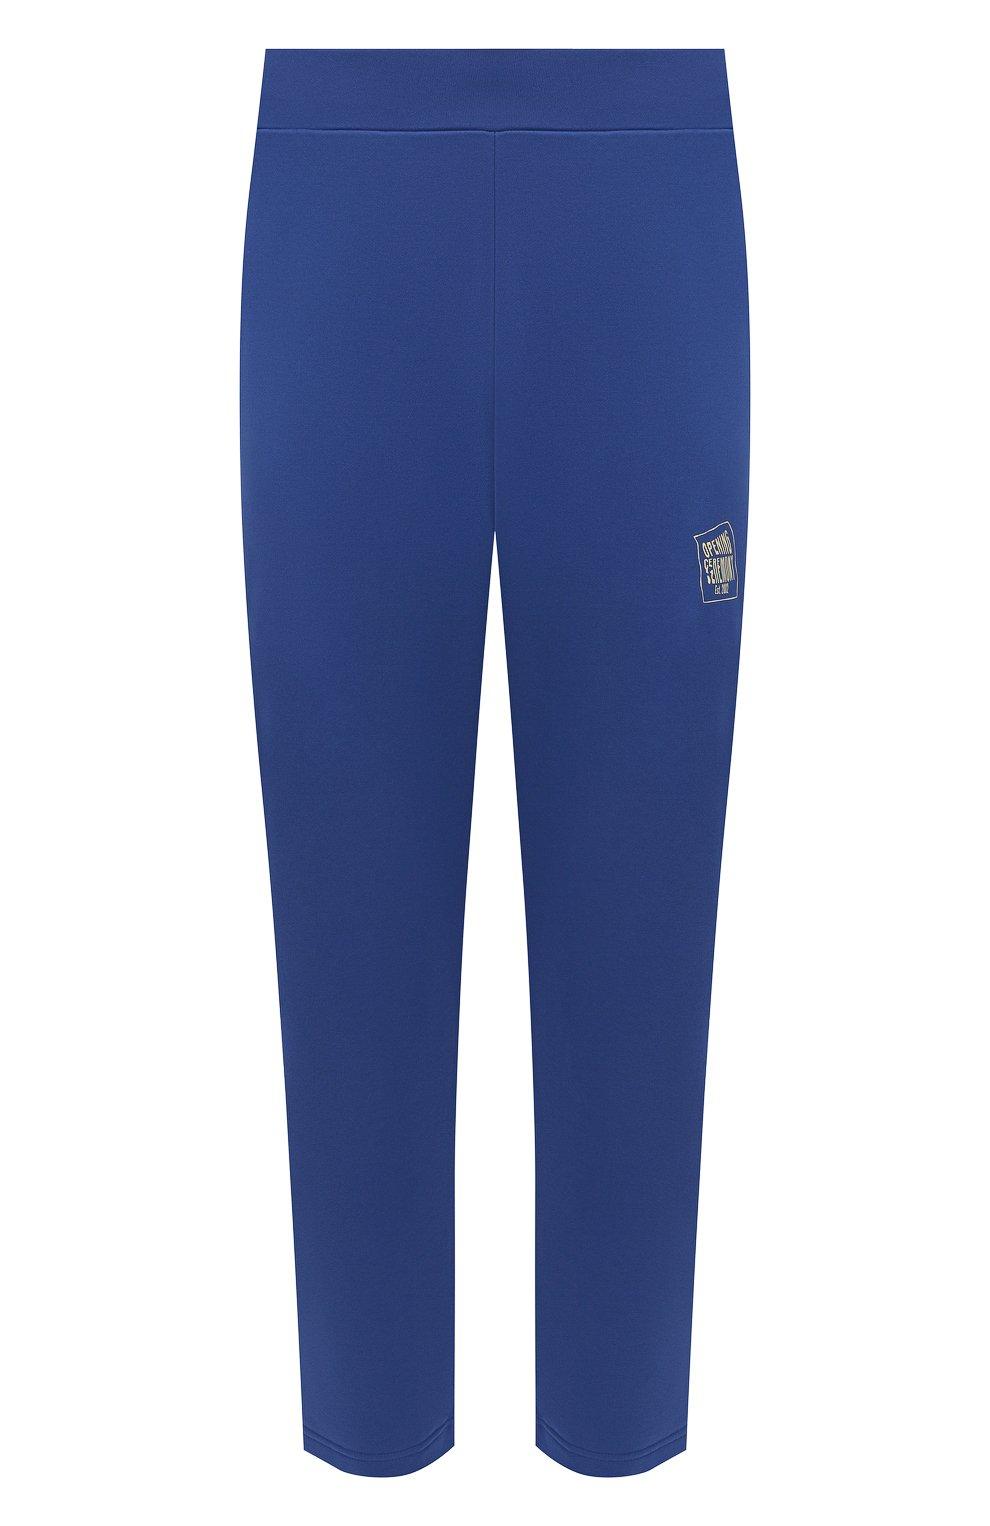 Мужские хлопковые брюки OPENING CEREMONY синего цвета, арт. YMCH003S21FLE002 | Фото 1 (Мужское Кросс-КТ: Брюки-трикотаж; Кросс-КТ: Спорт; Материал внешний: Хлопок; Стили: Спорт-шик; Длина (брюки, джинсы): Укороченные)